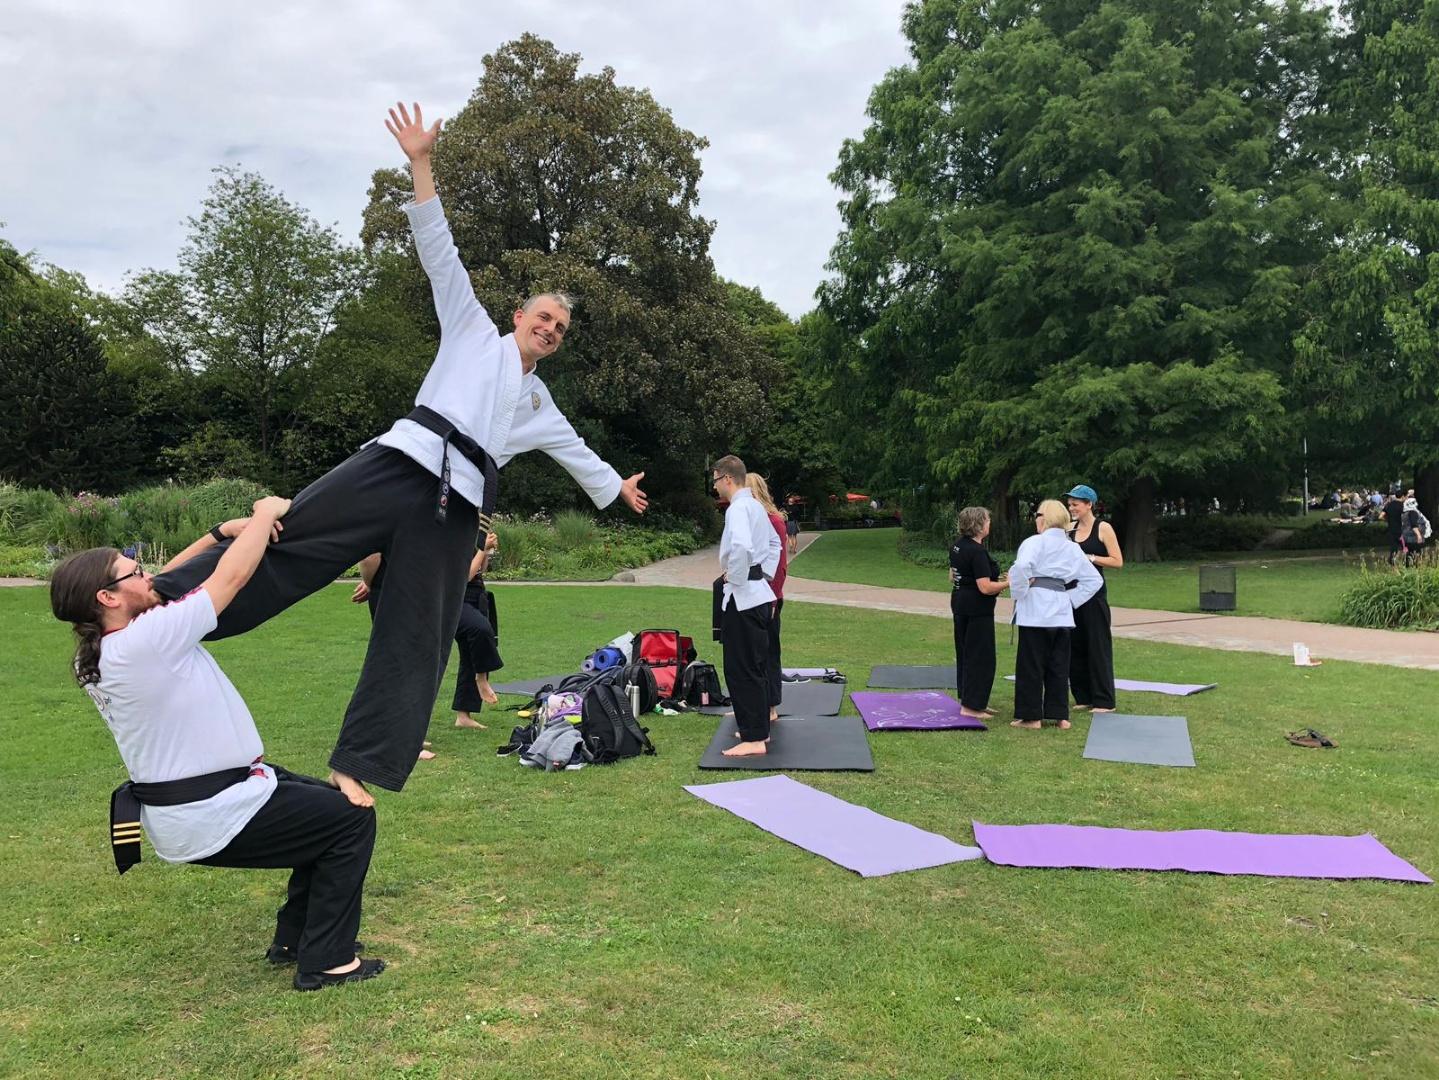 Akrobatik - Vertrauen in sich selbst und zu anderen entwickeln